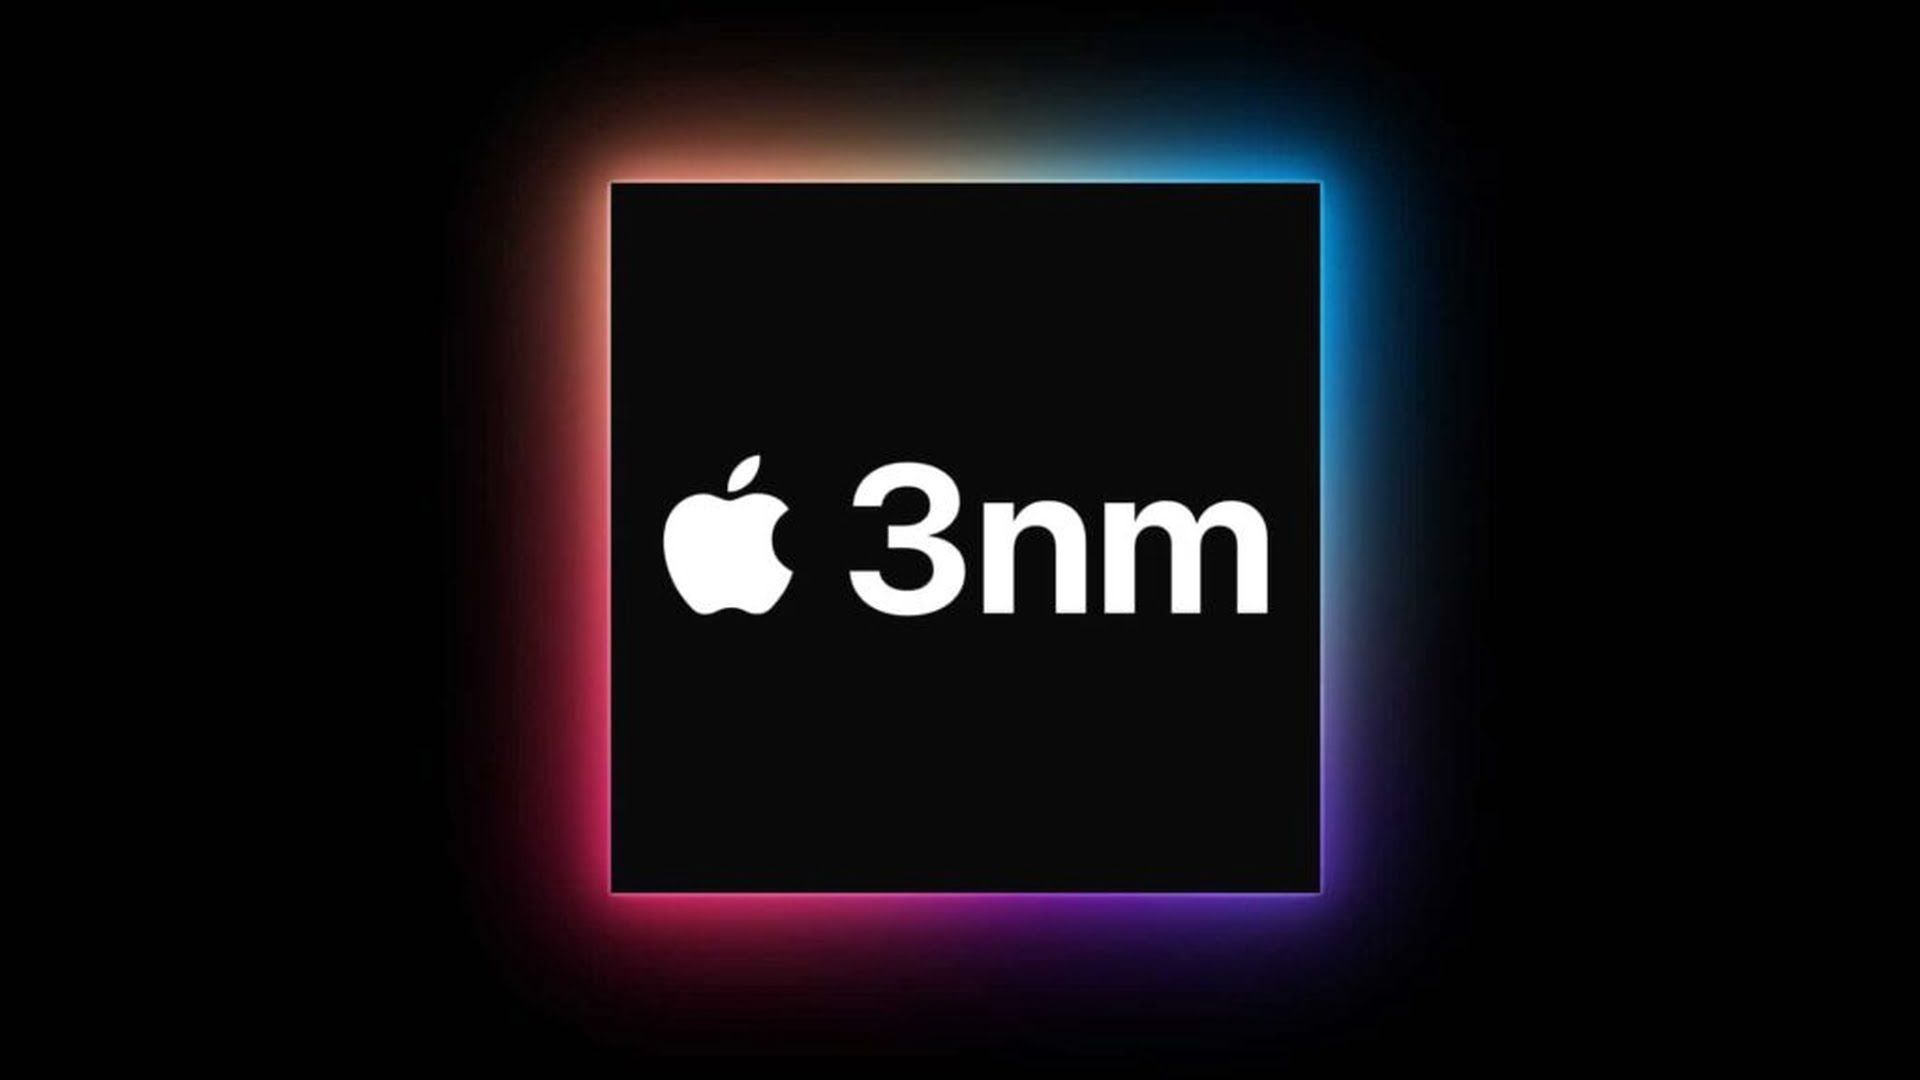 Najnowsze informacje na temat przyszłych procesorów dla urządzeń Apple